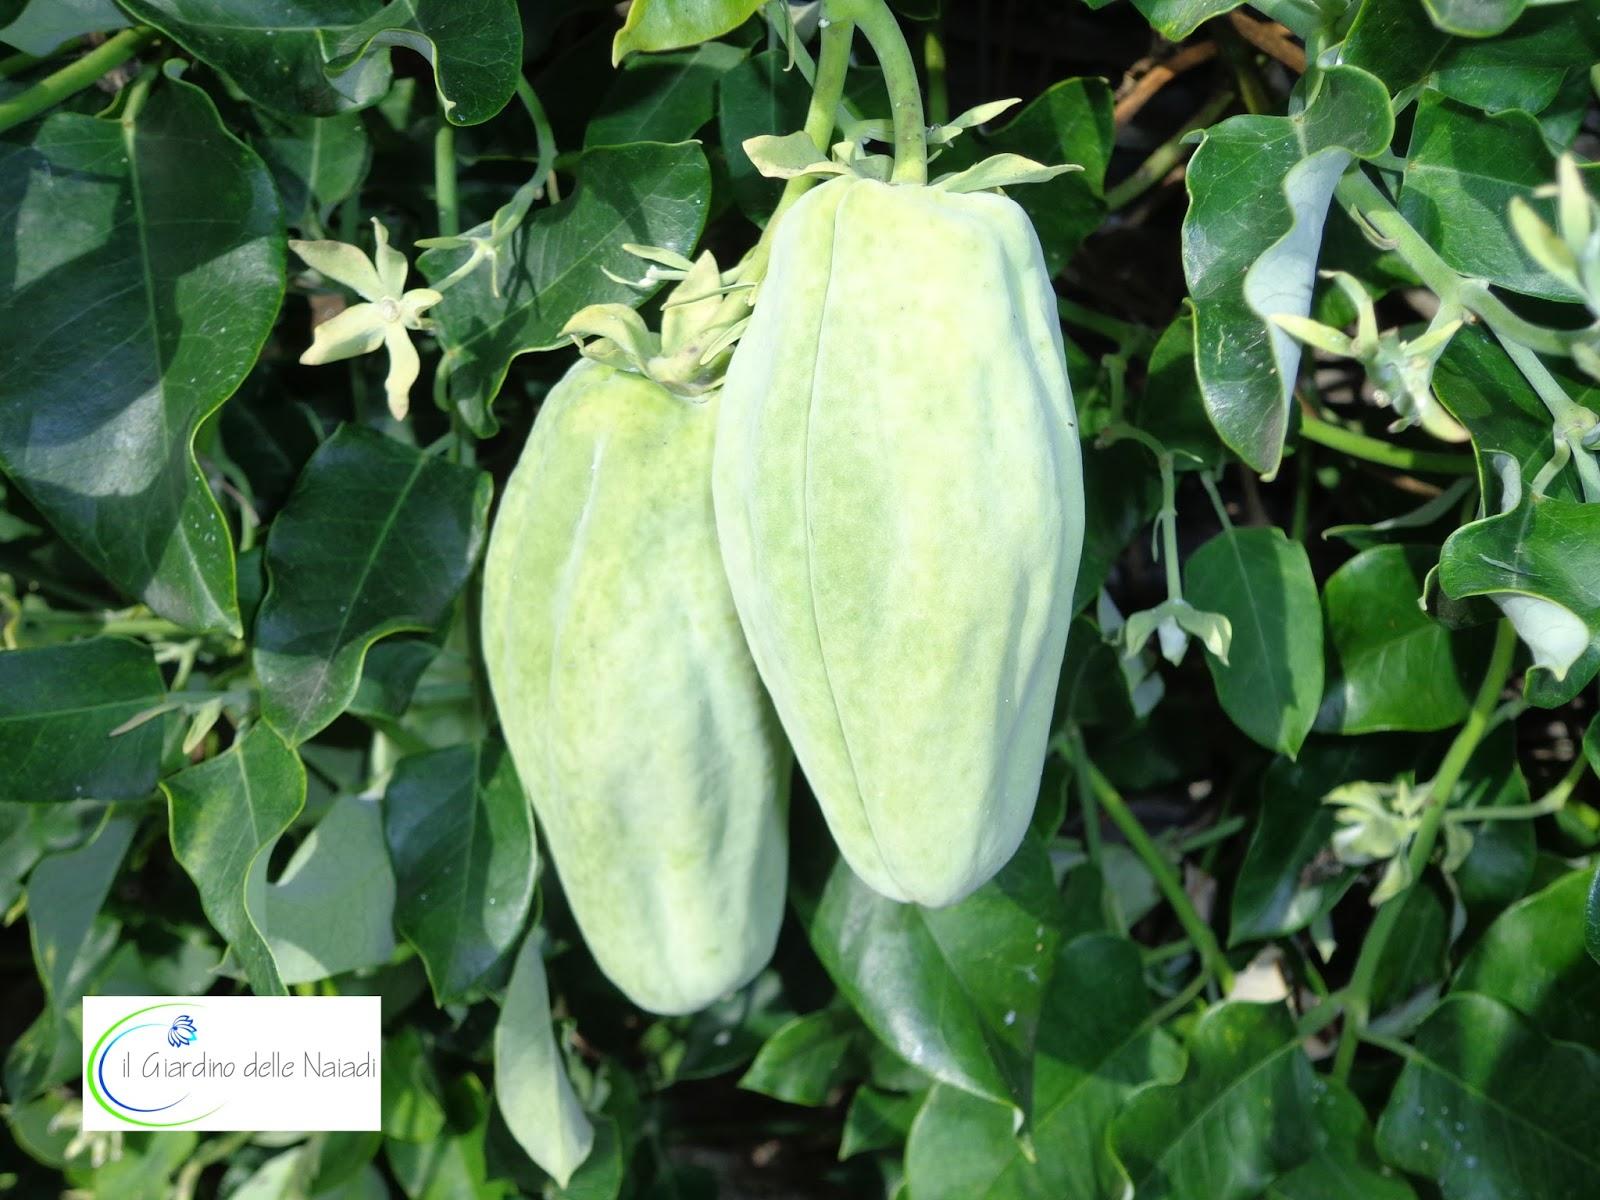 Il giardino delle naiadi araujia sericofera la pianta for Pianta con la p